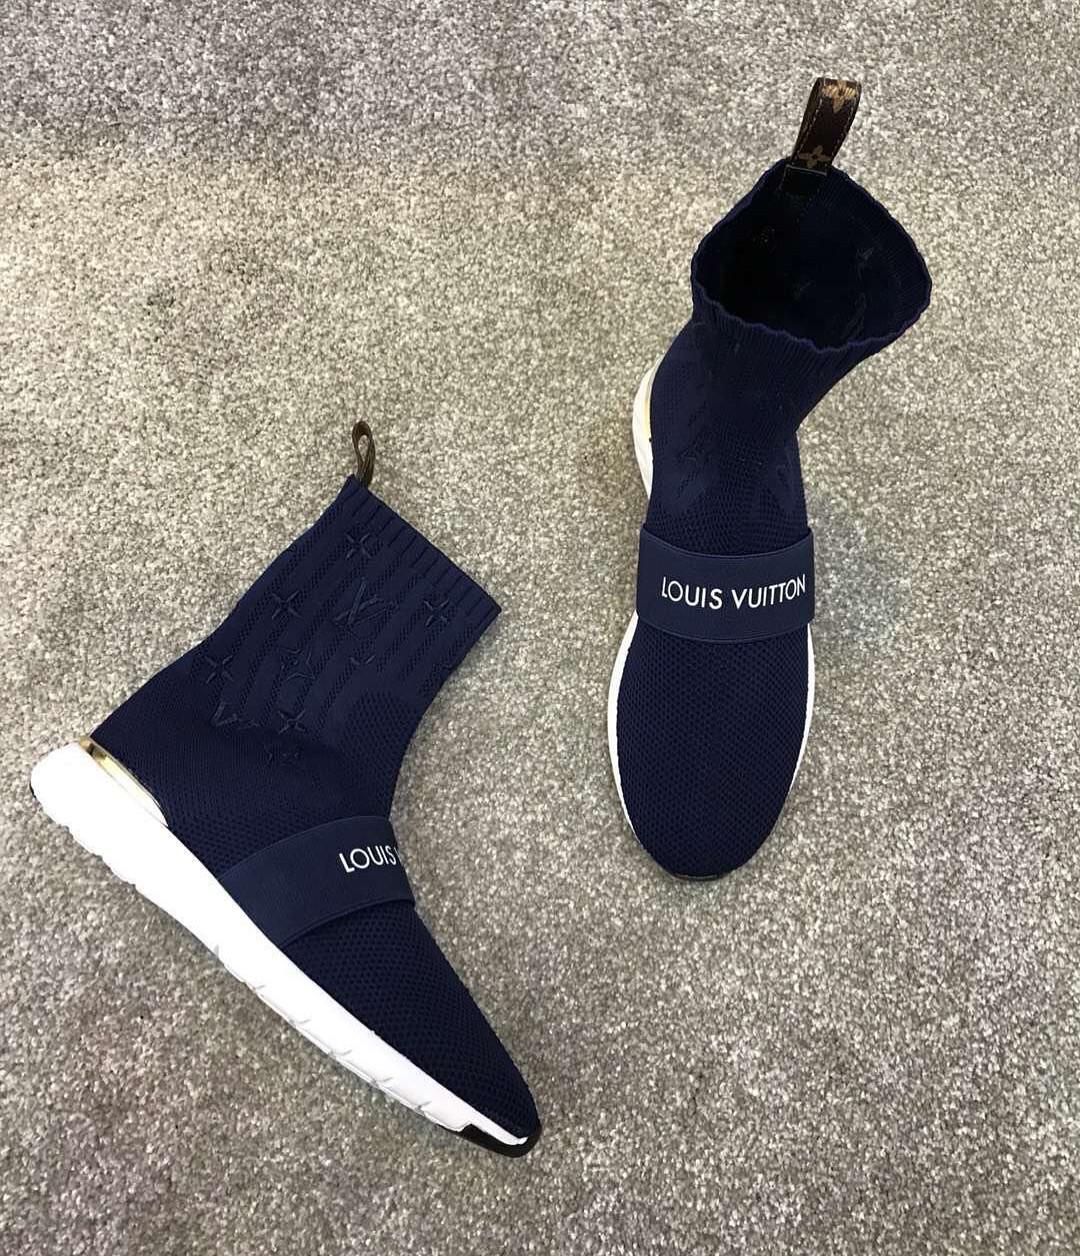 a9ccee23ccce Высокие кроссовки из ткани Louis Vuitton - Люкс реплики брендовых сумок,  обуви в Киеве